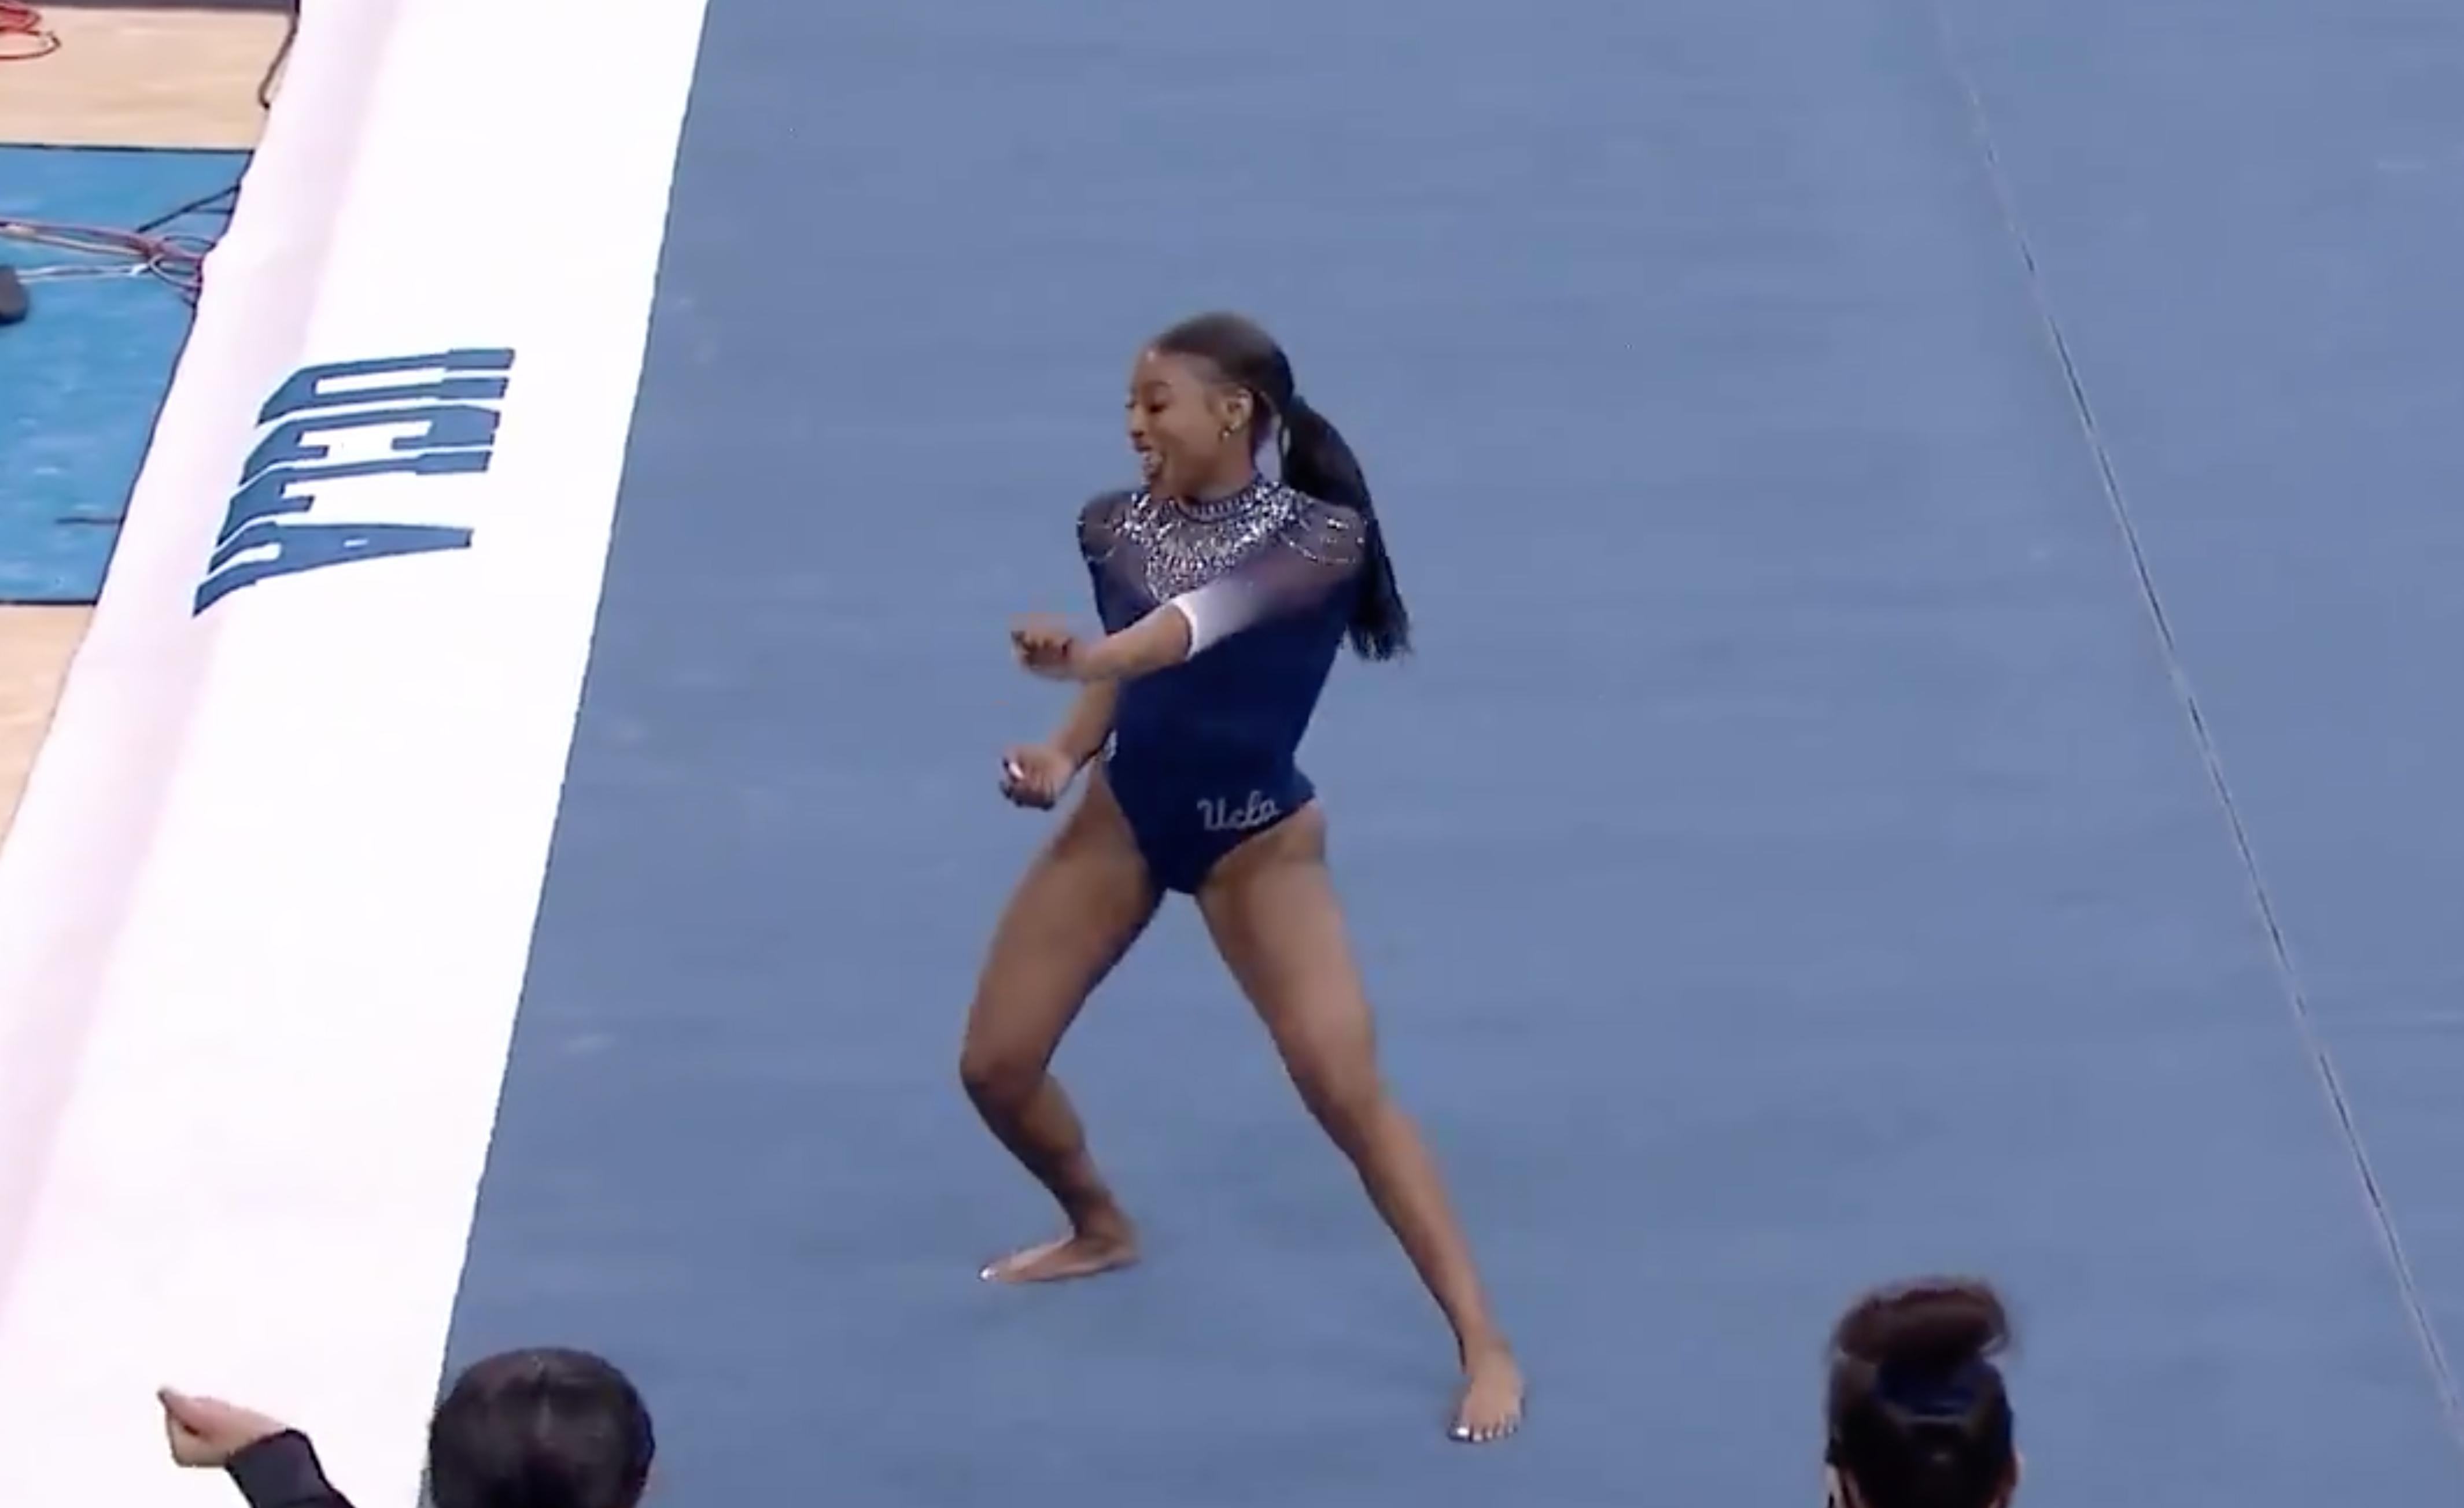 Vidéo : l'incroyable performance de cette gymnaste fait le tour du monde